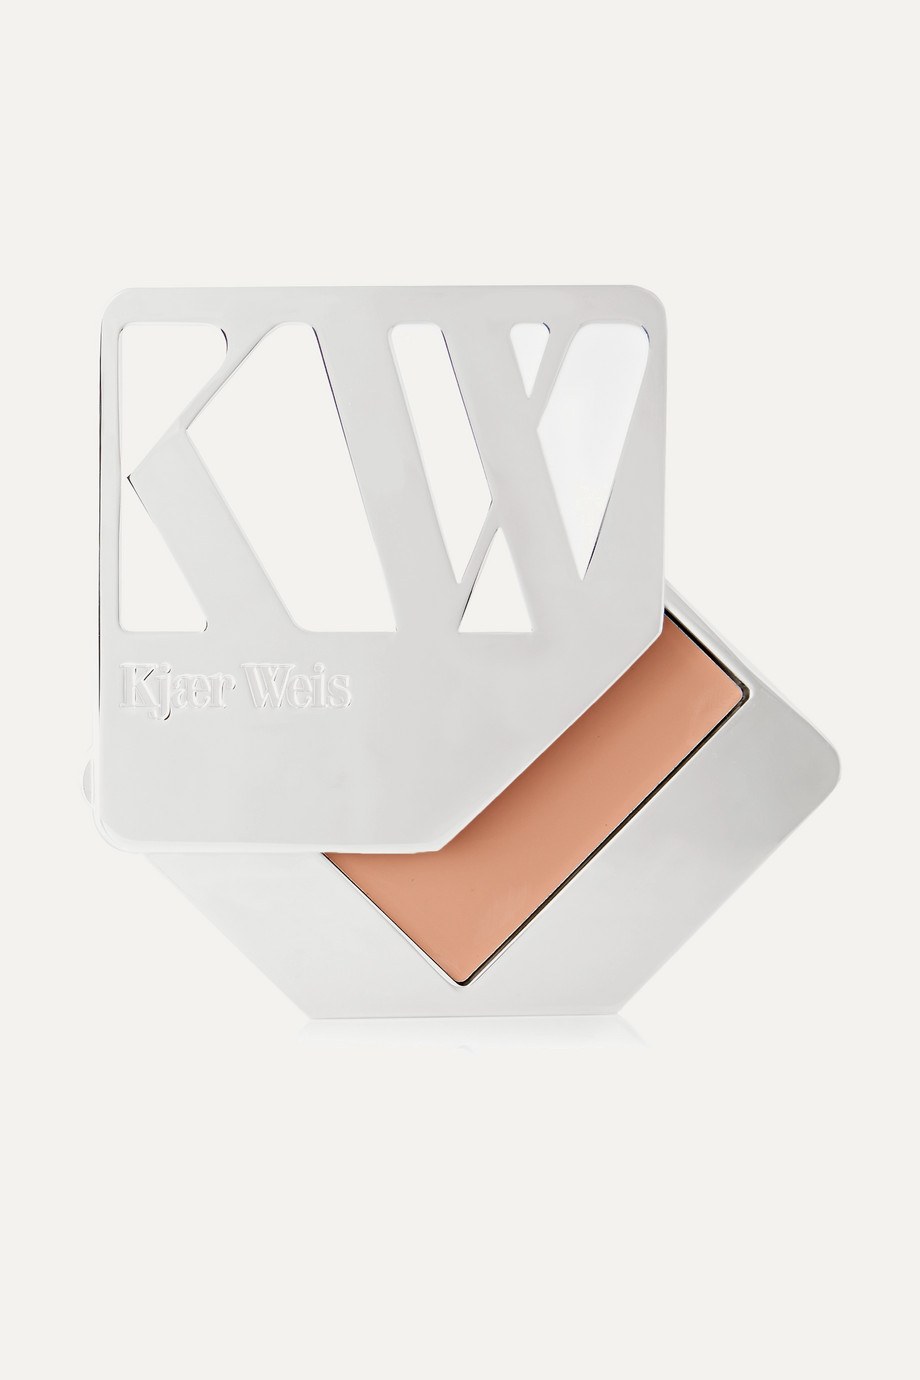 Kjaer Weis Cream Foundation - Velvety